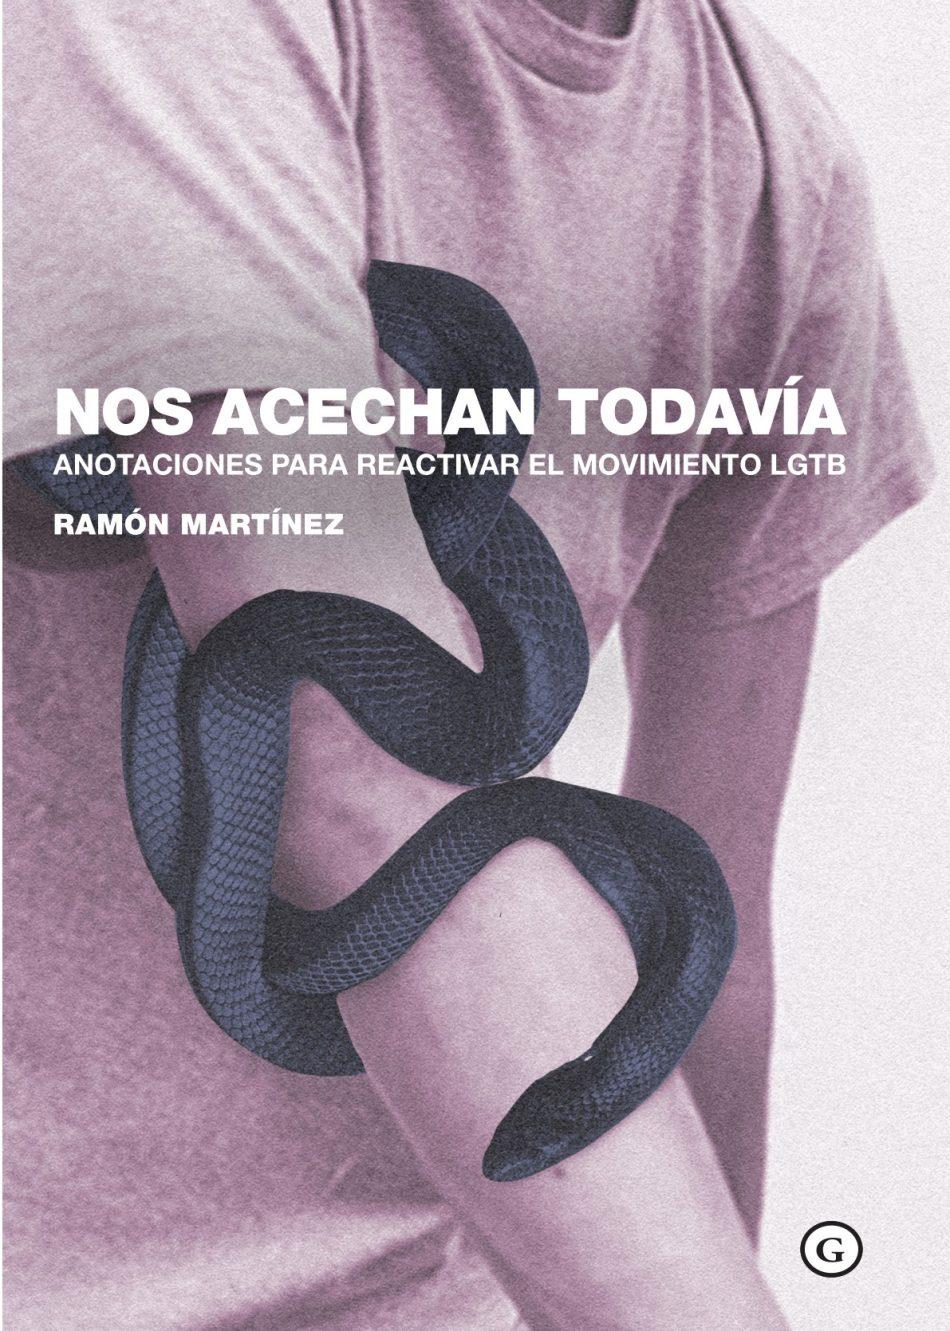 Ramón Martínez llama a replantear el activismo LGTB en su nuevo libro